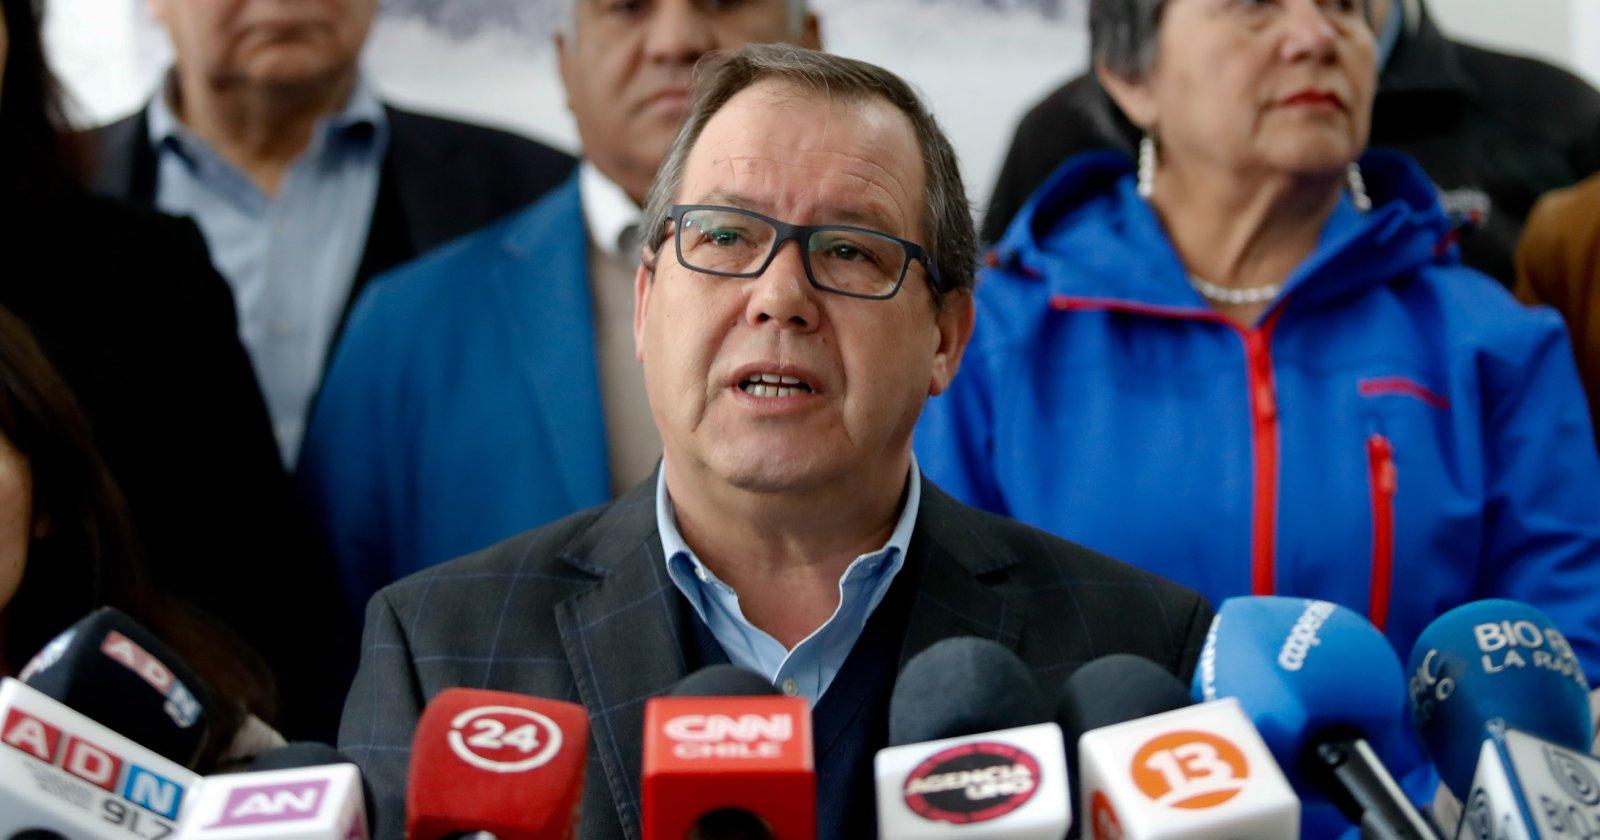 """Alcalde Delpin anuncia acciones legales contra diputada del Frente Amplio tras vincularlo a corrupción: """"Es una canallada lo que hizo"""""""